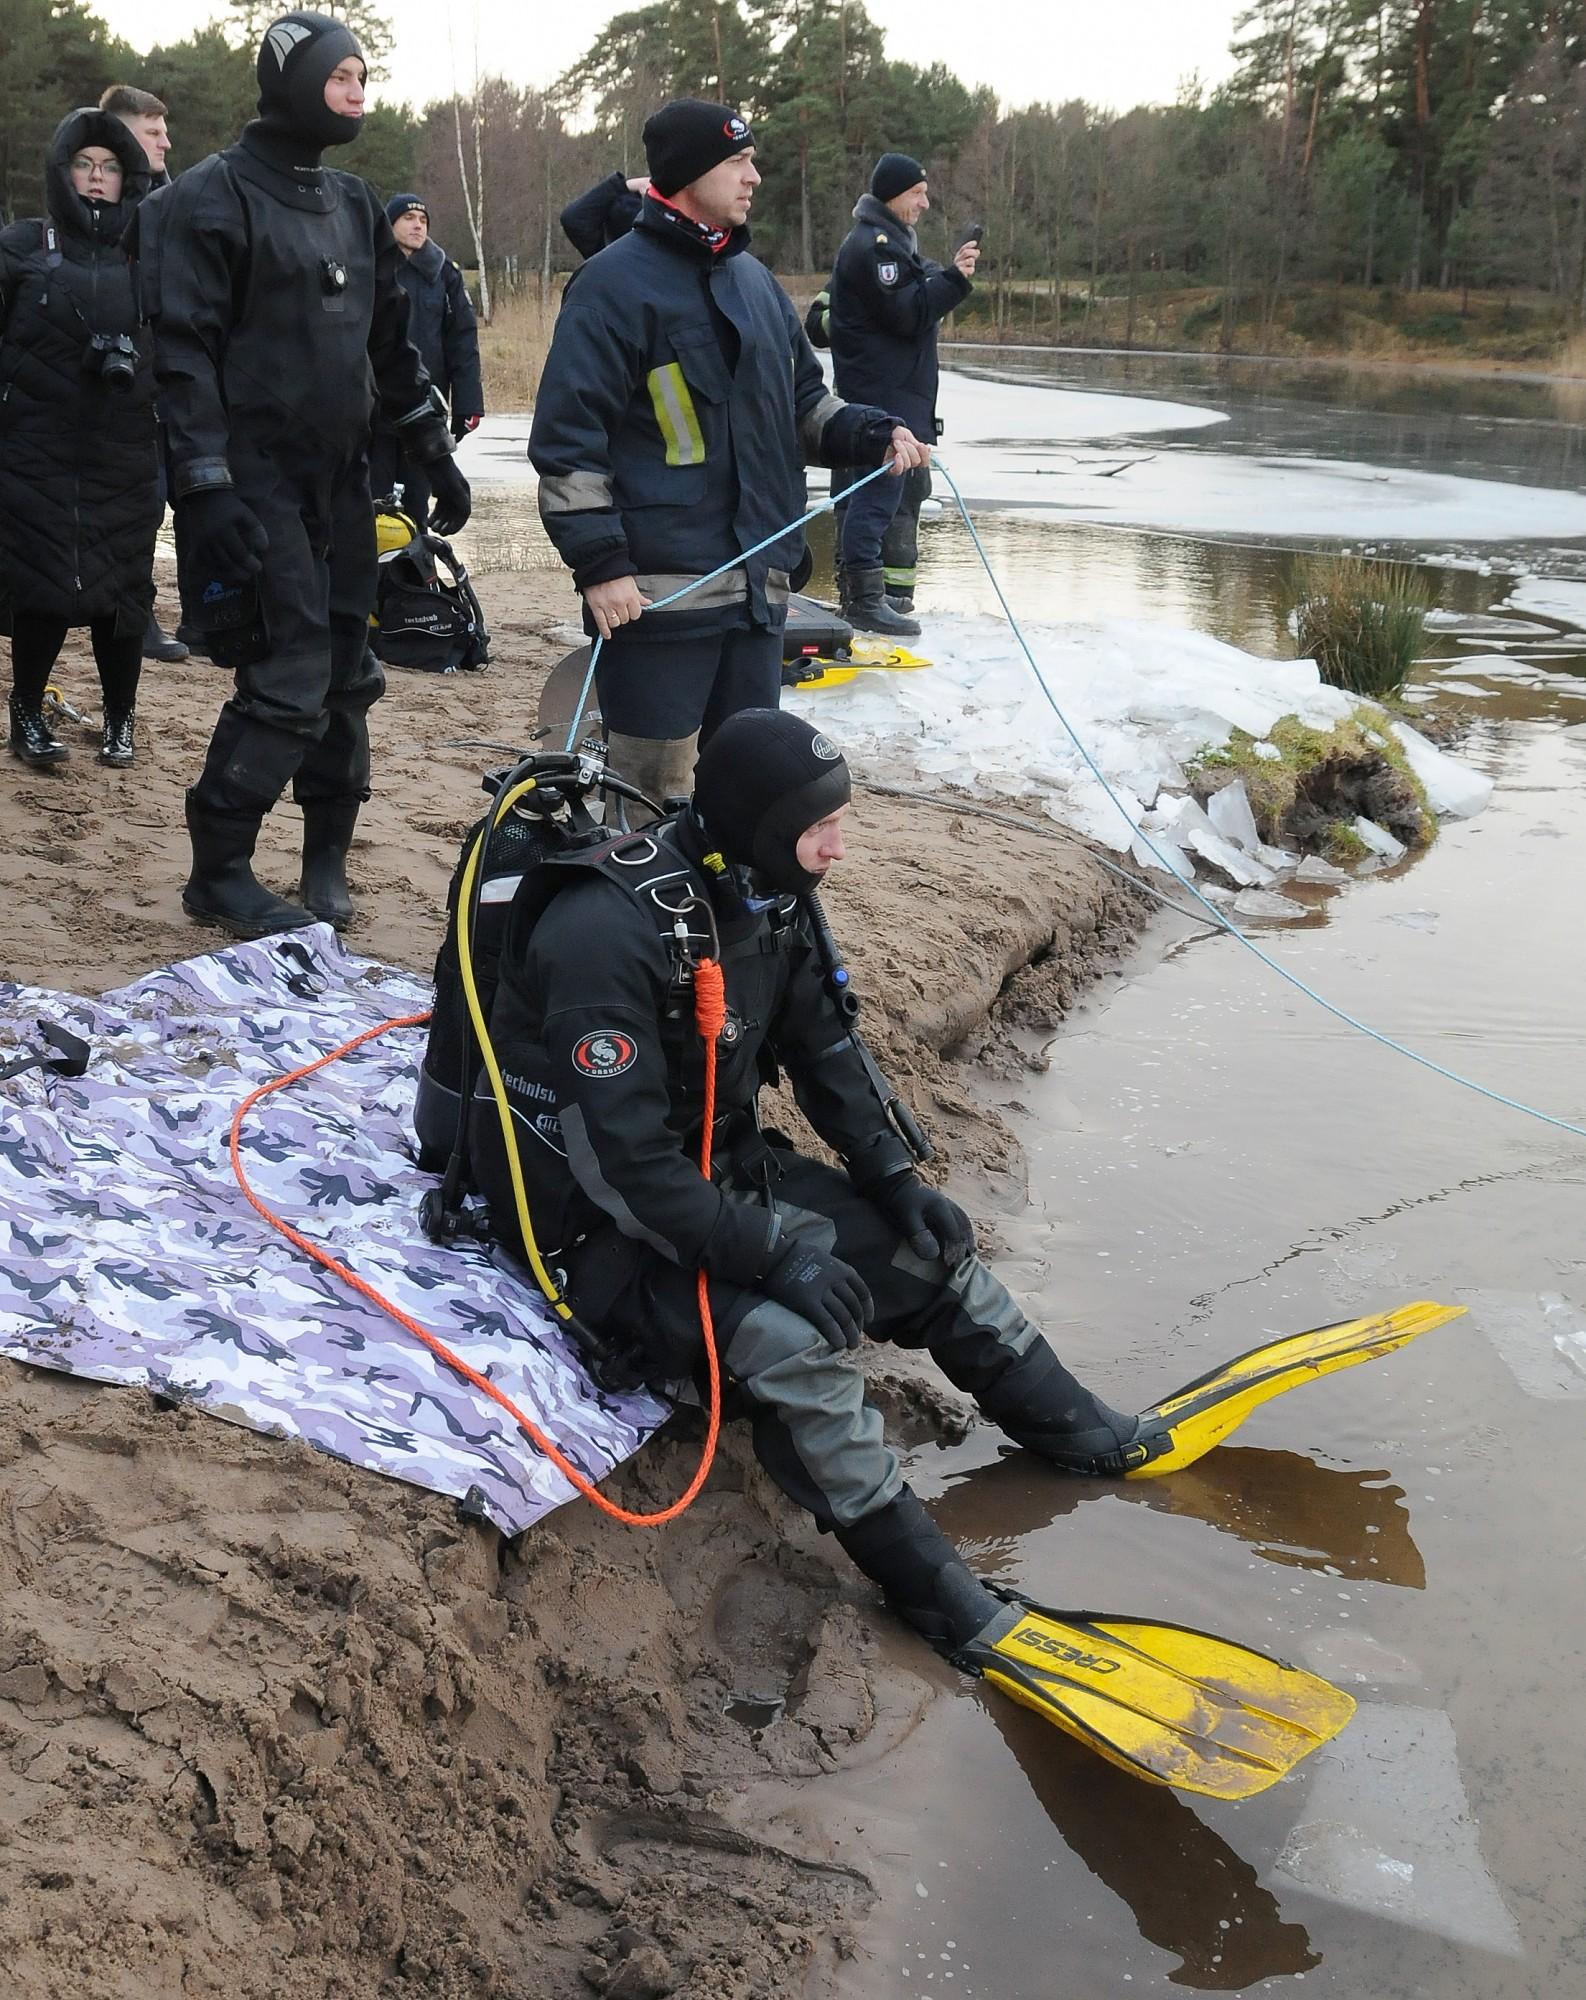 Спасатели тренеруются в экстремальных условиях